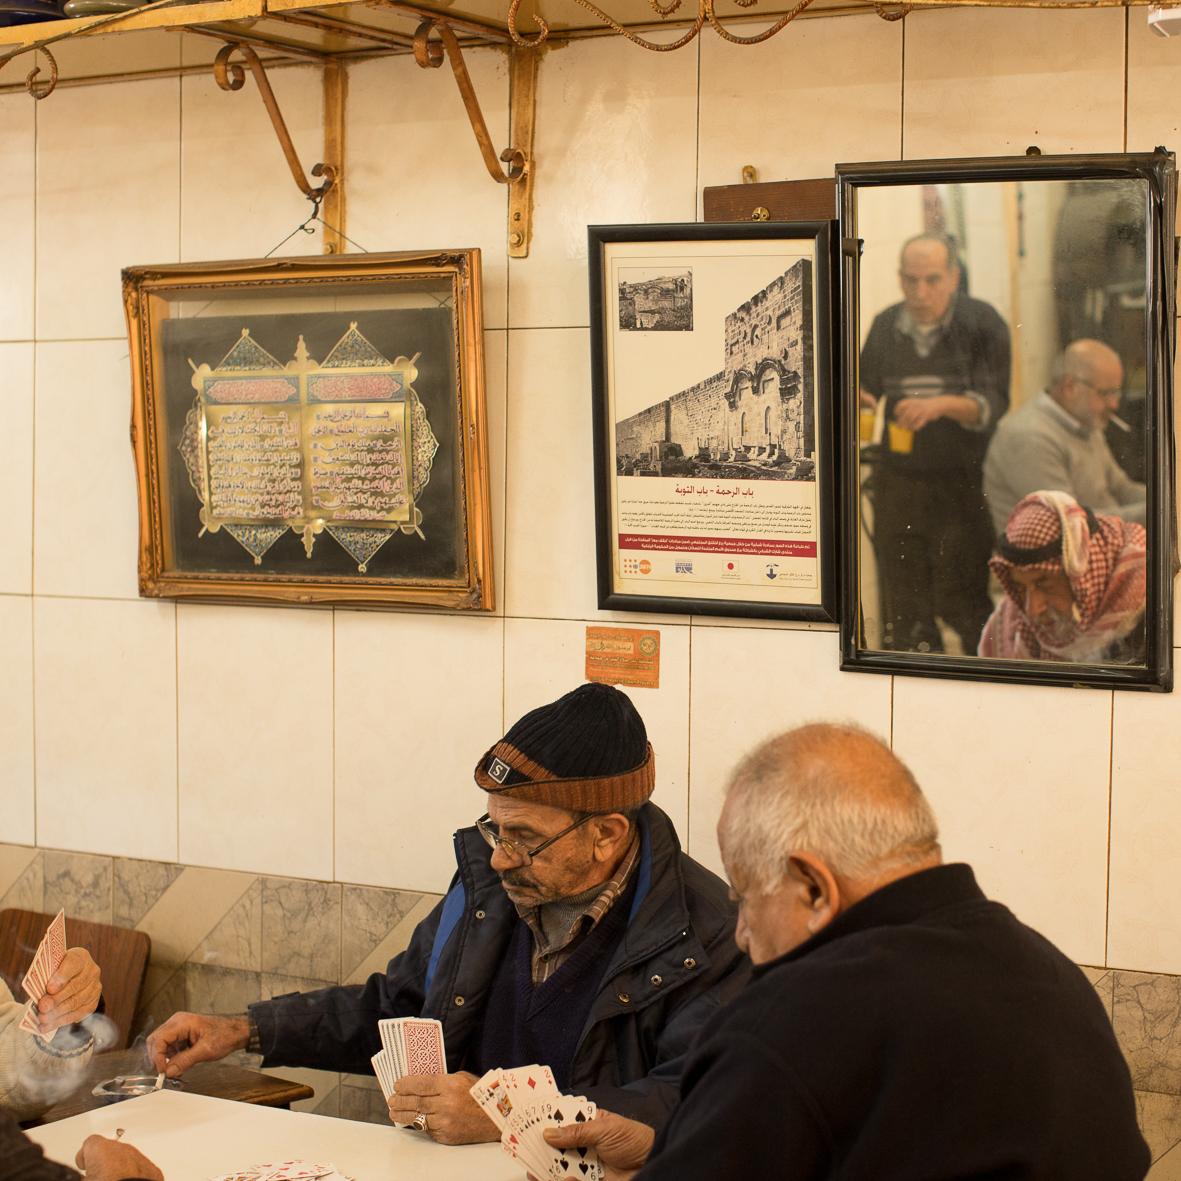 Café im arabischen Viertel 2, Jerusalem